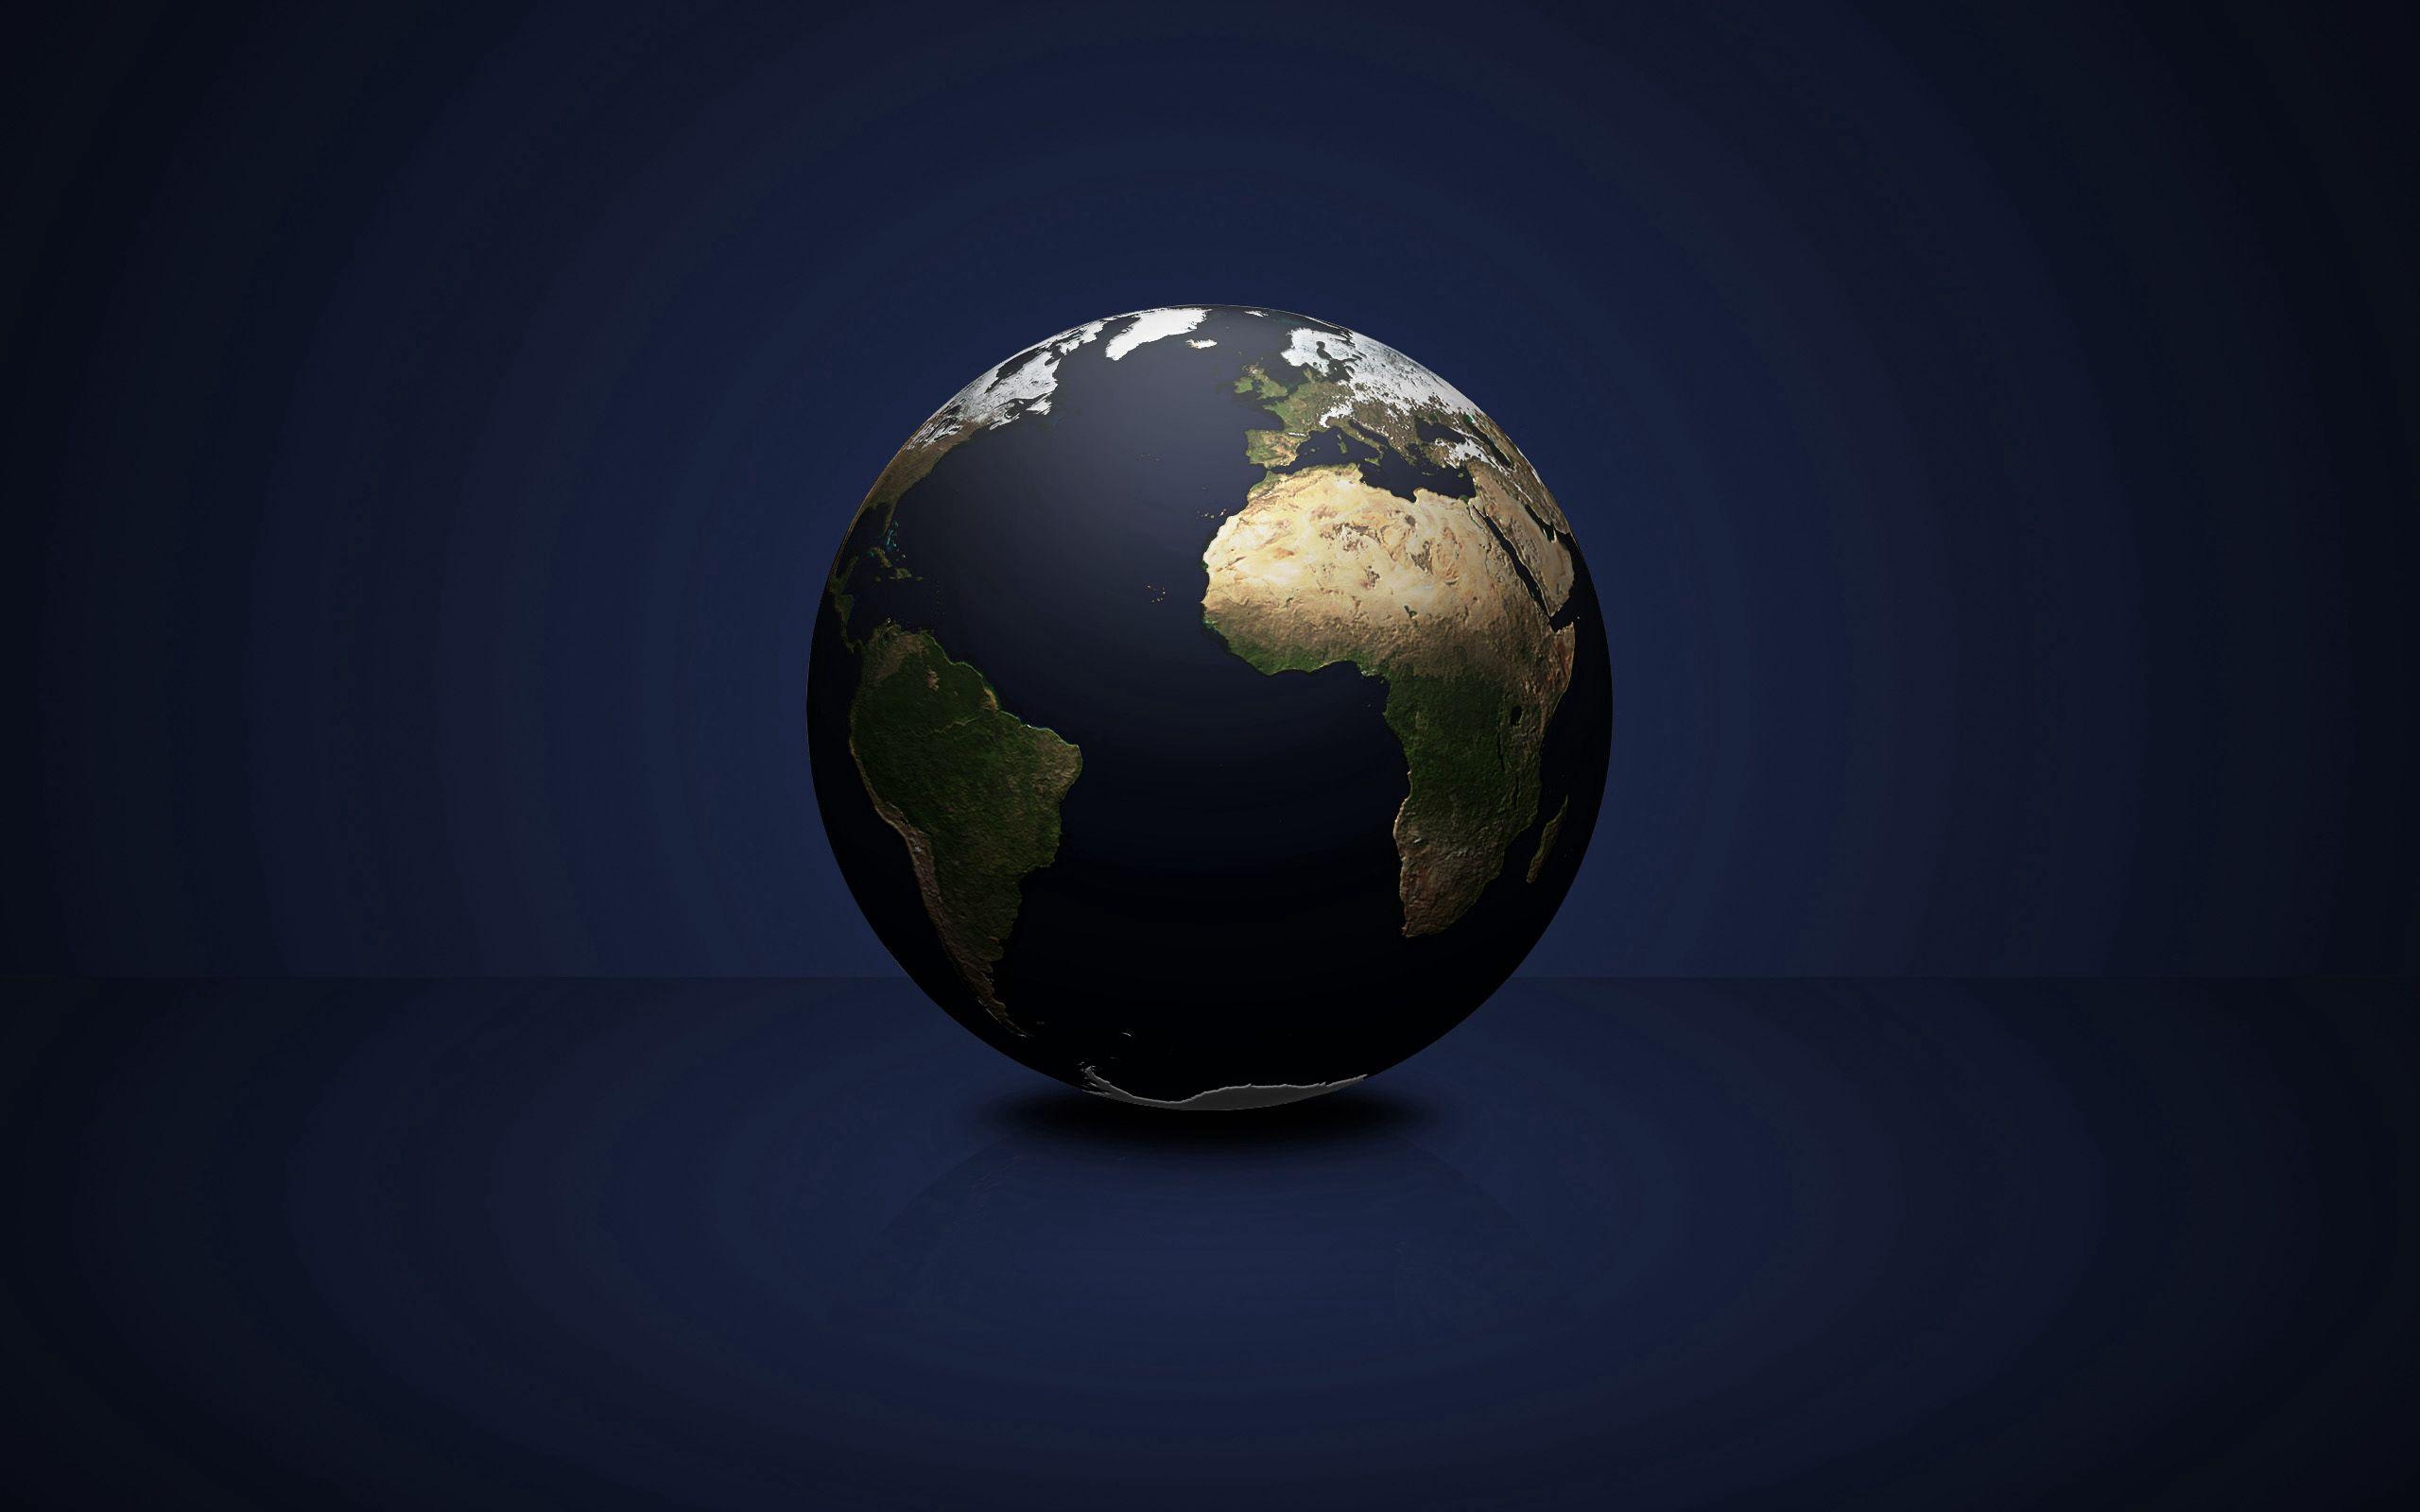 122311 économiseurs d'écran et fonds d'écran 3D sur votre téléphone. Téléchargez 3D, Fond Sombre, Arrière-Plan Sombre, Ballon, Balle, Planète, Continents images gratuitement